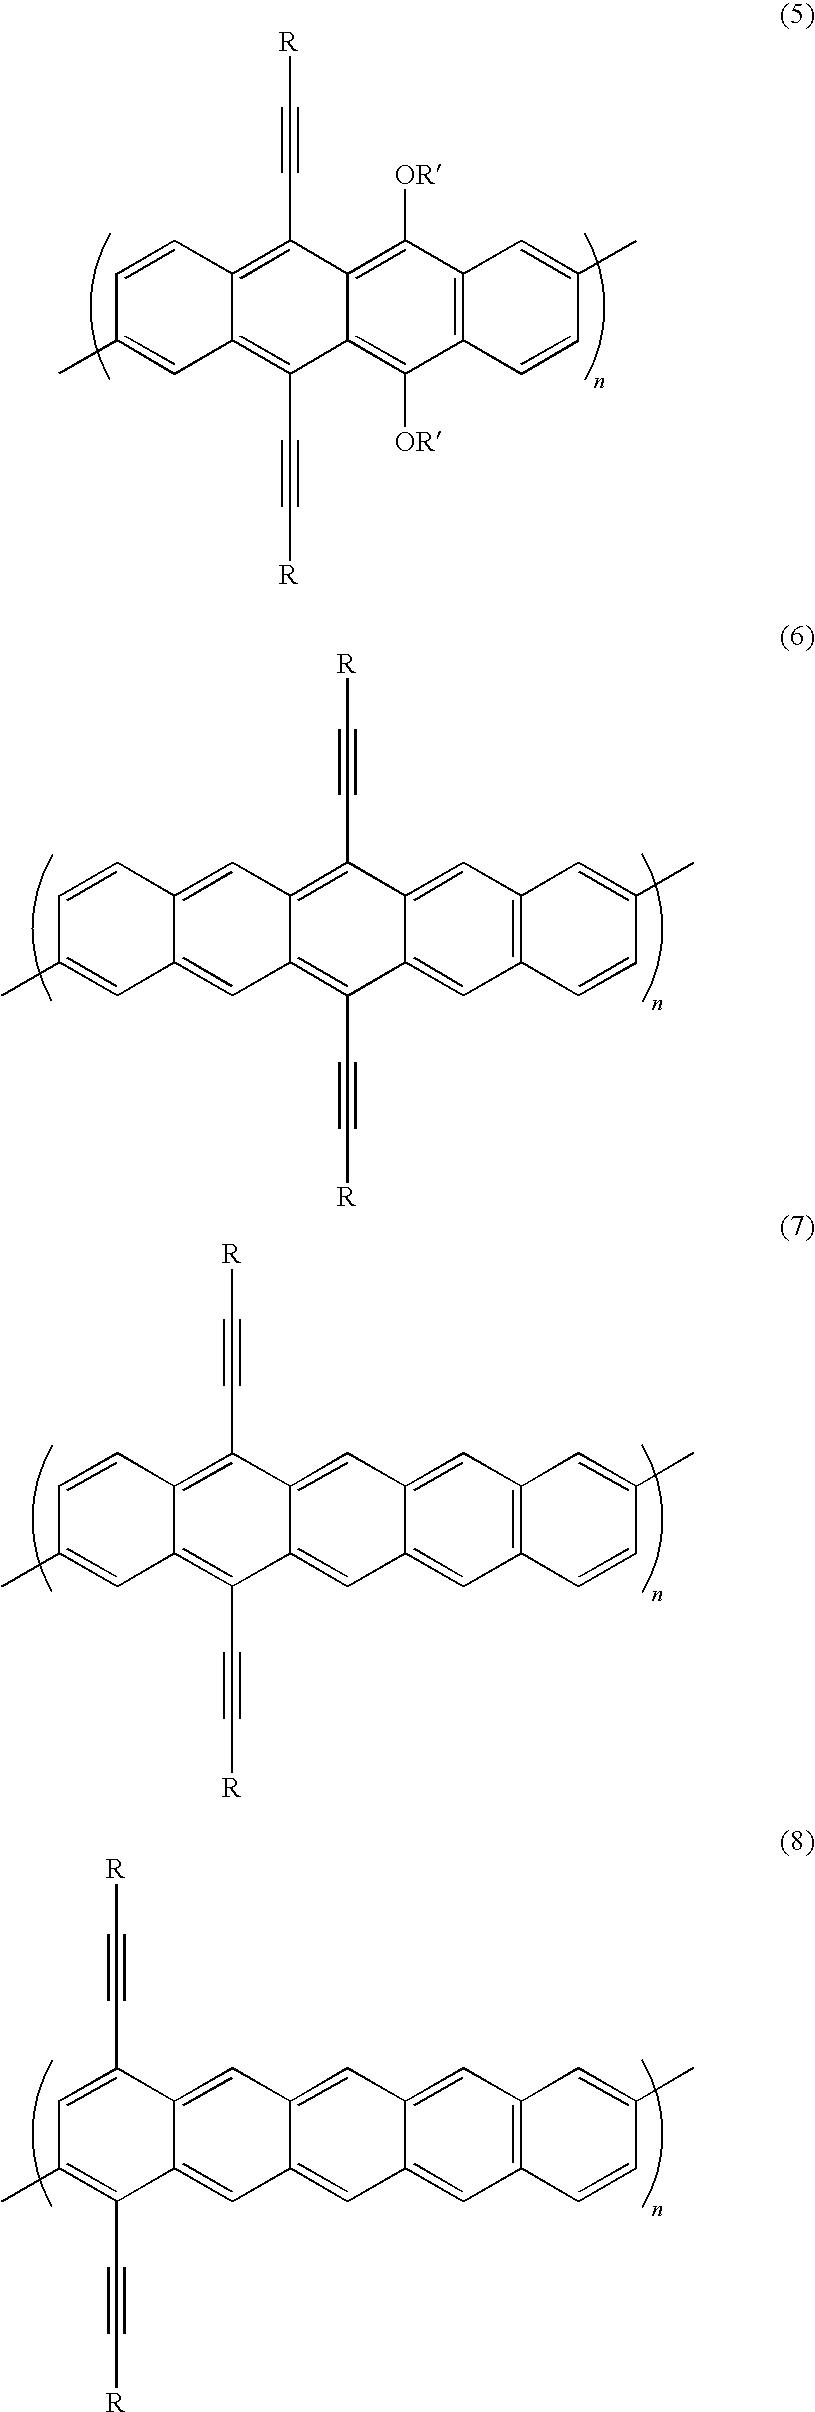 Figure US07550760-20090623-C00014